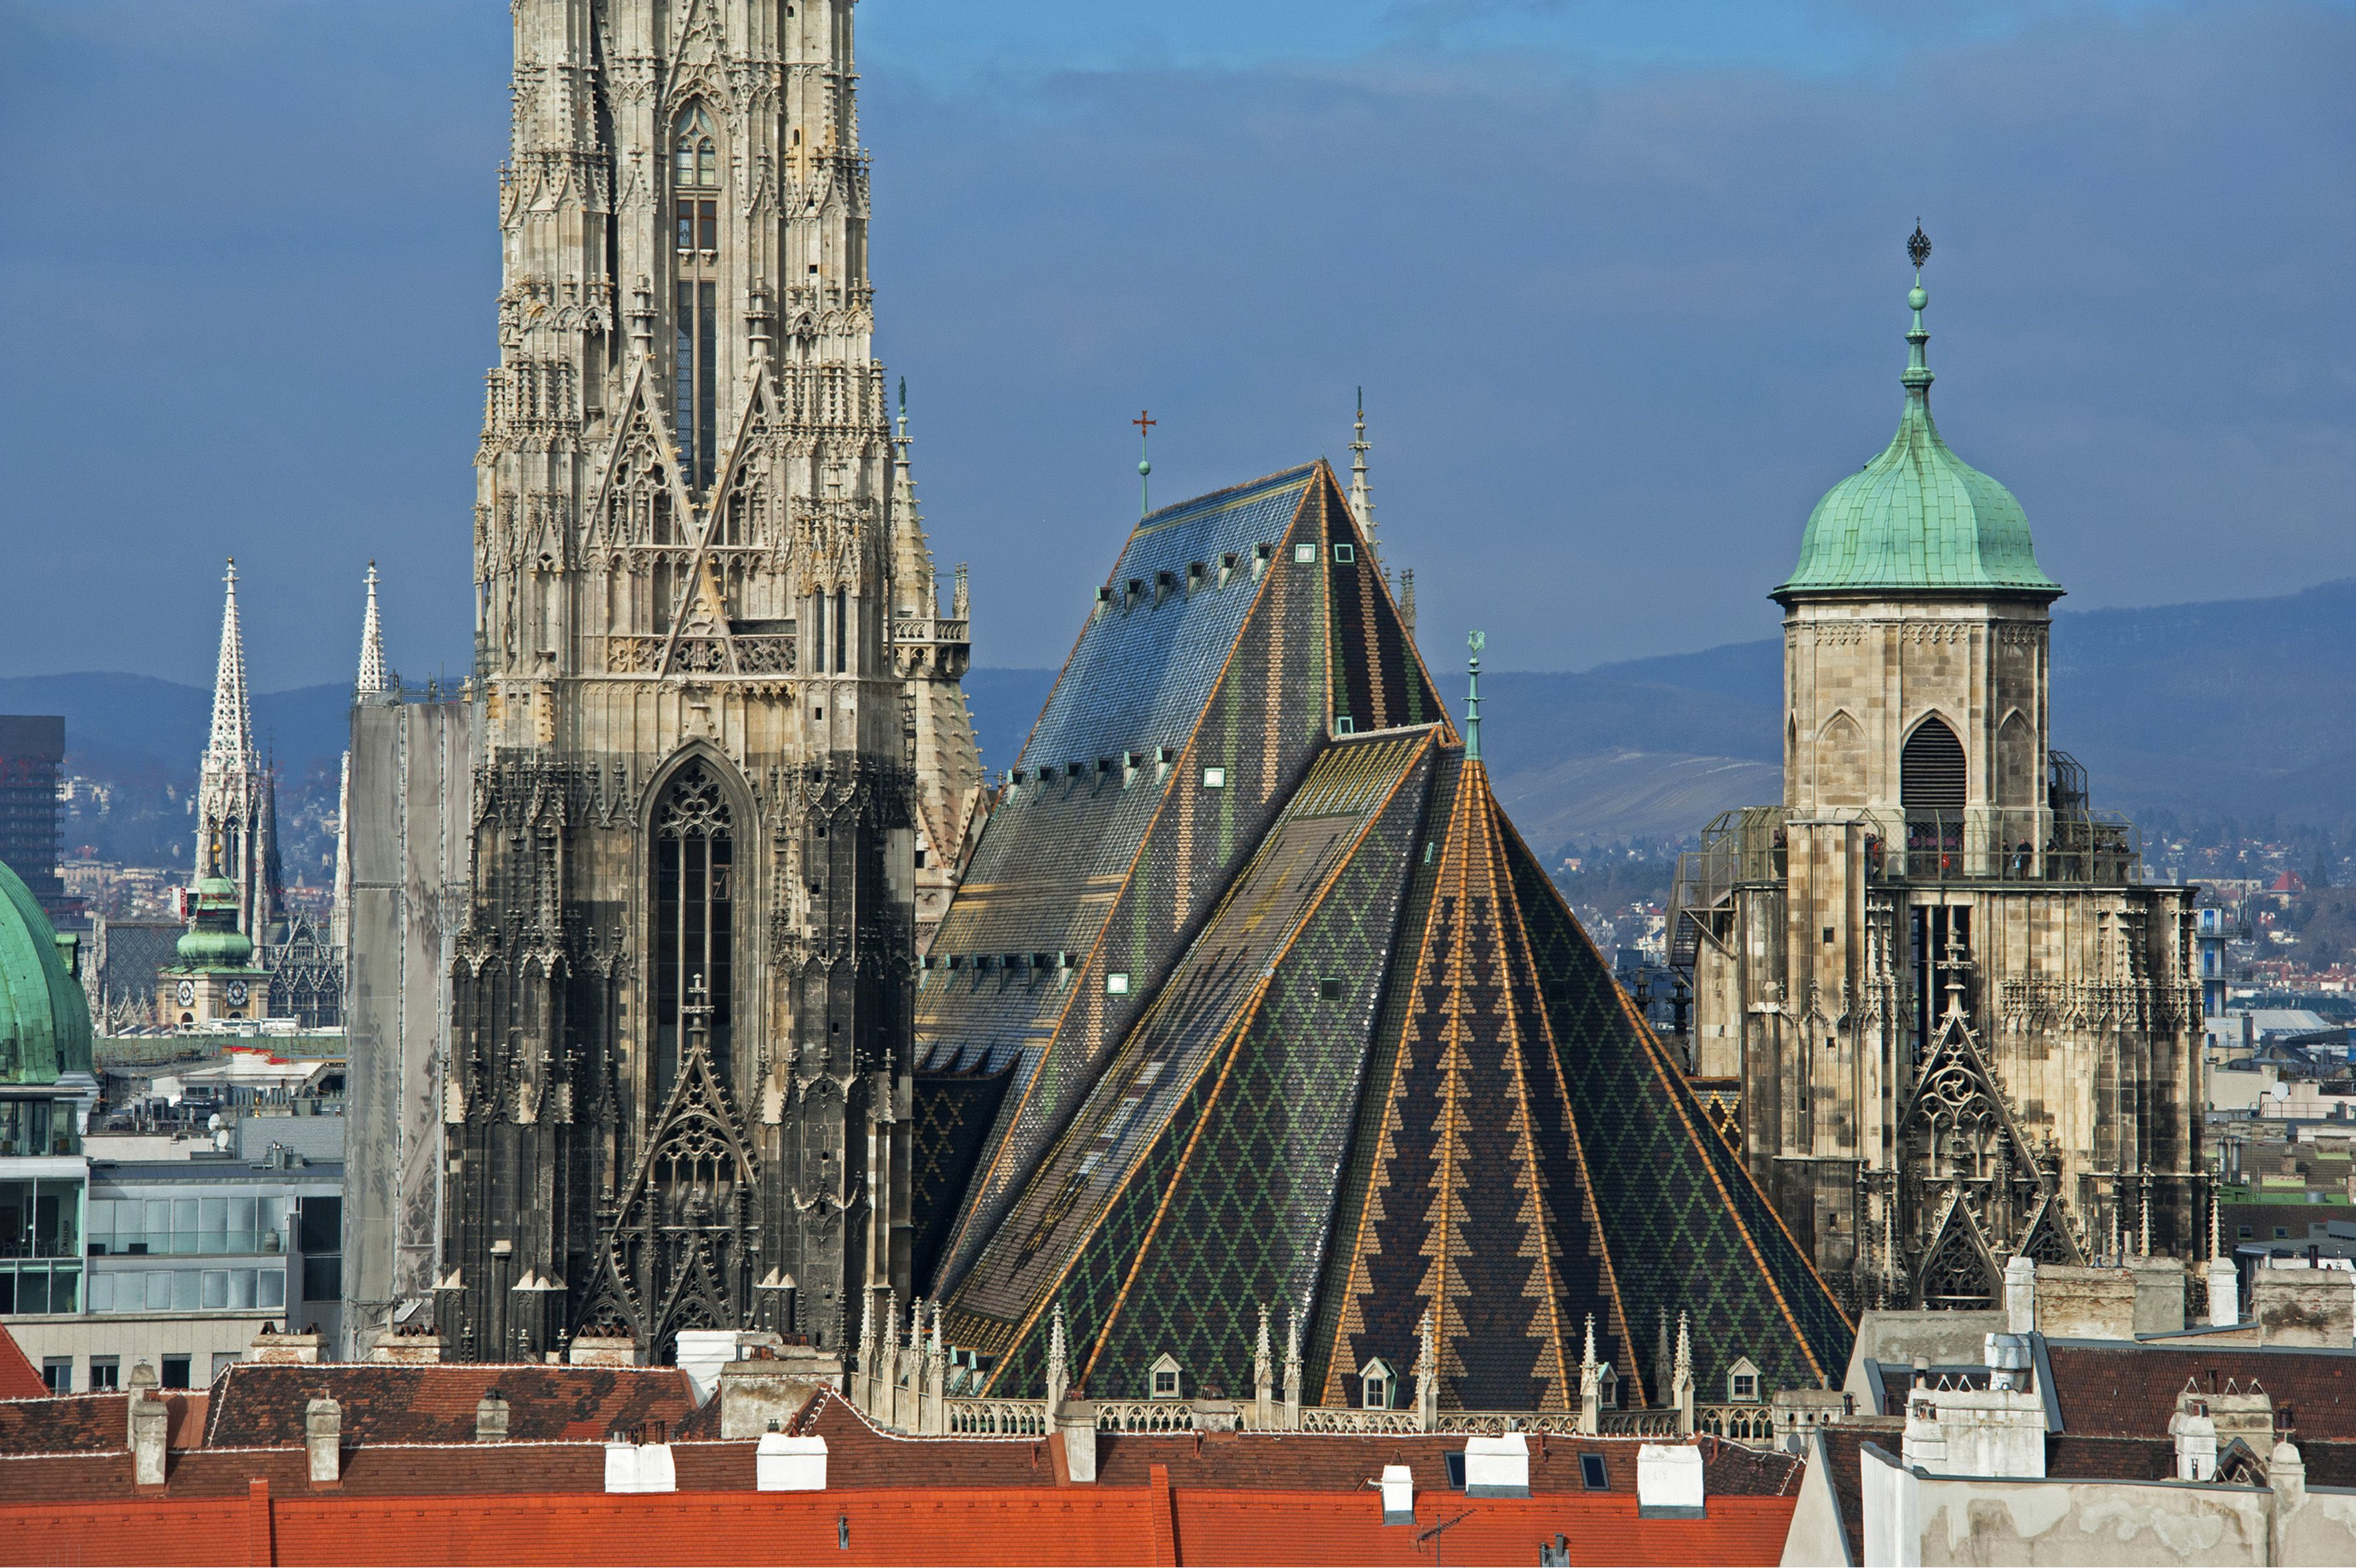 Cathedral spires in Vienna, Austria